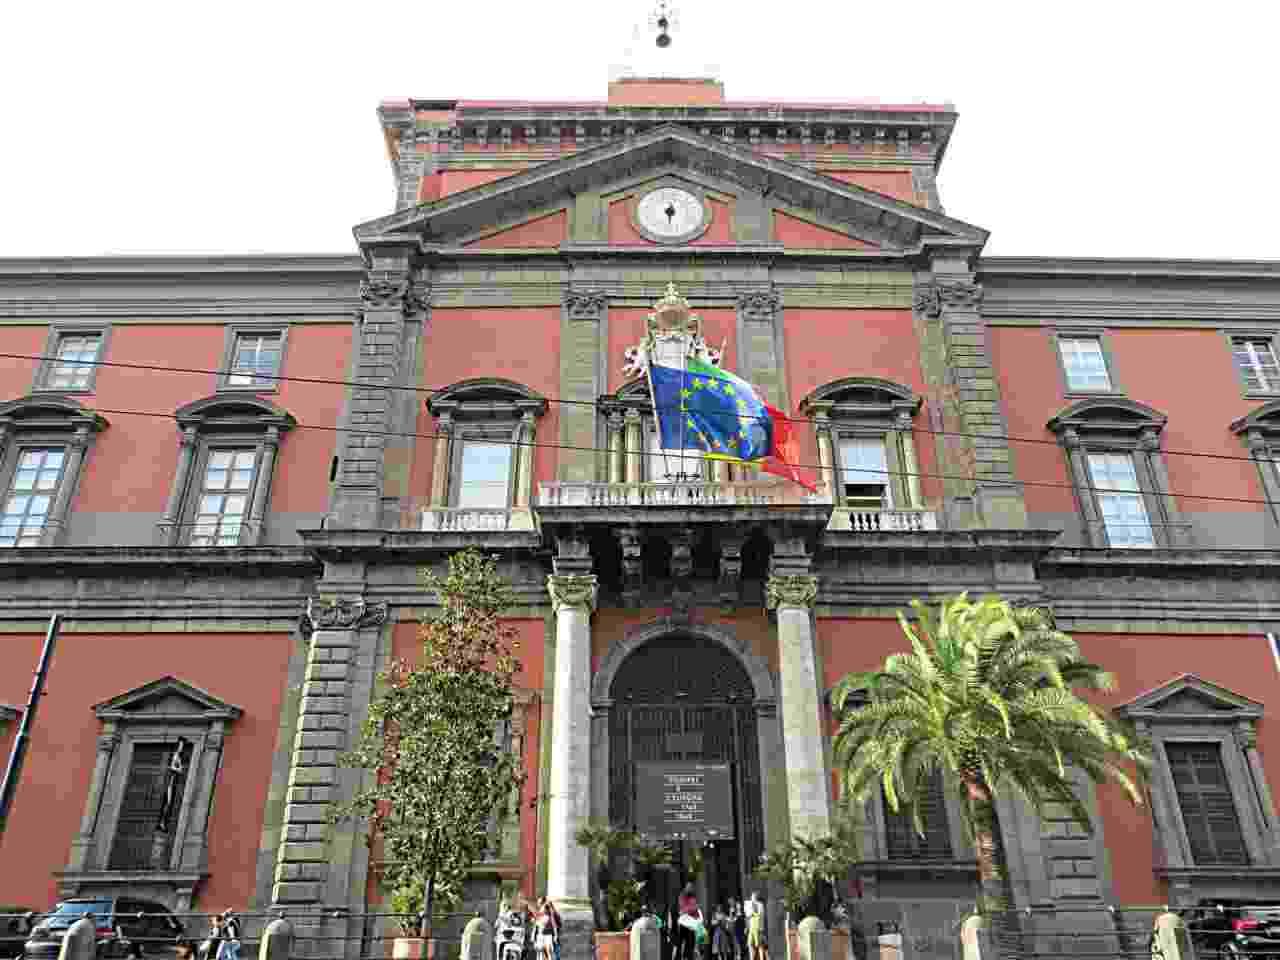 Mostra Canova Napoli date, opere e come arrivare al Mann